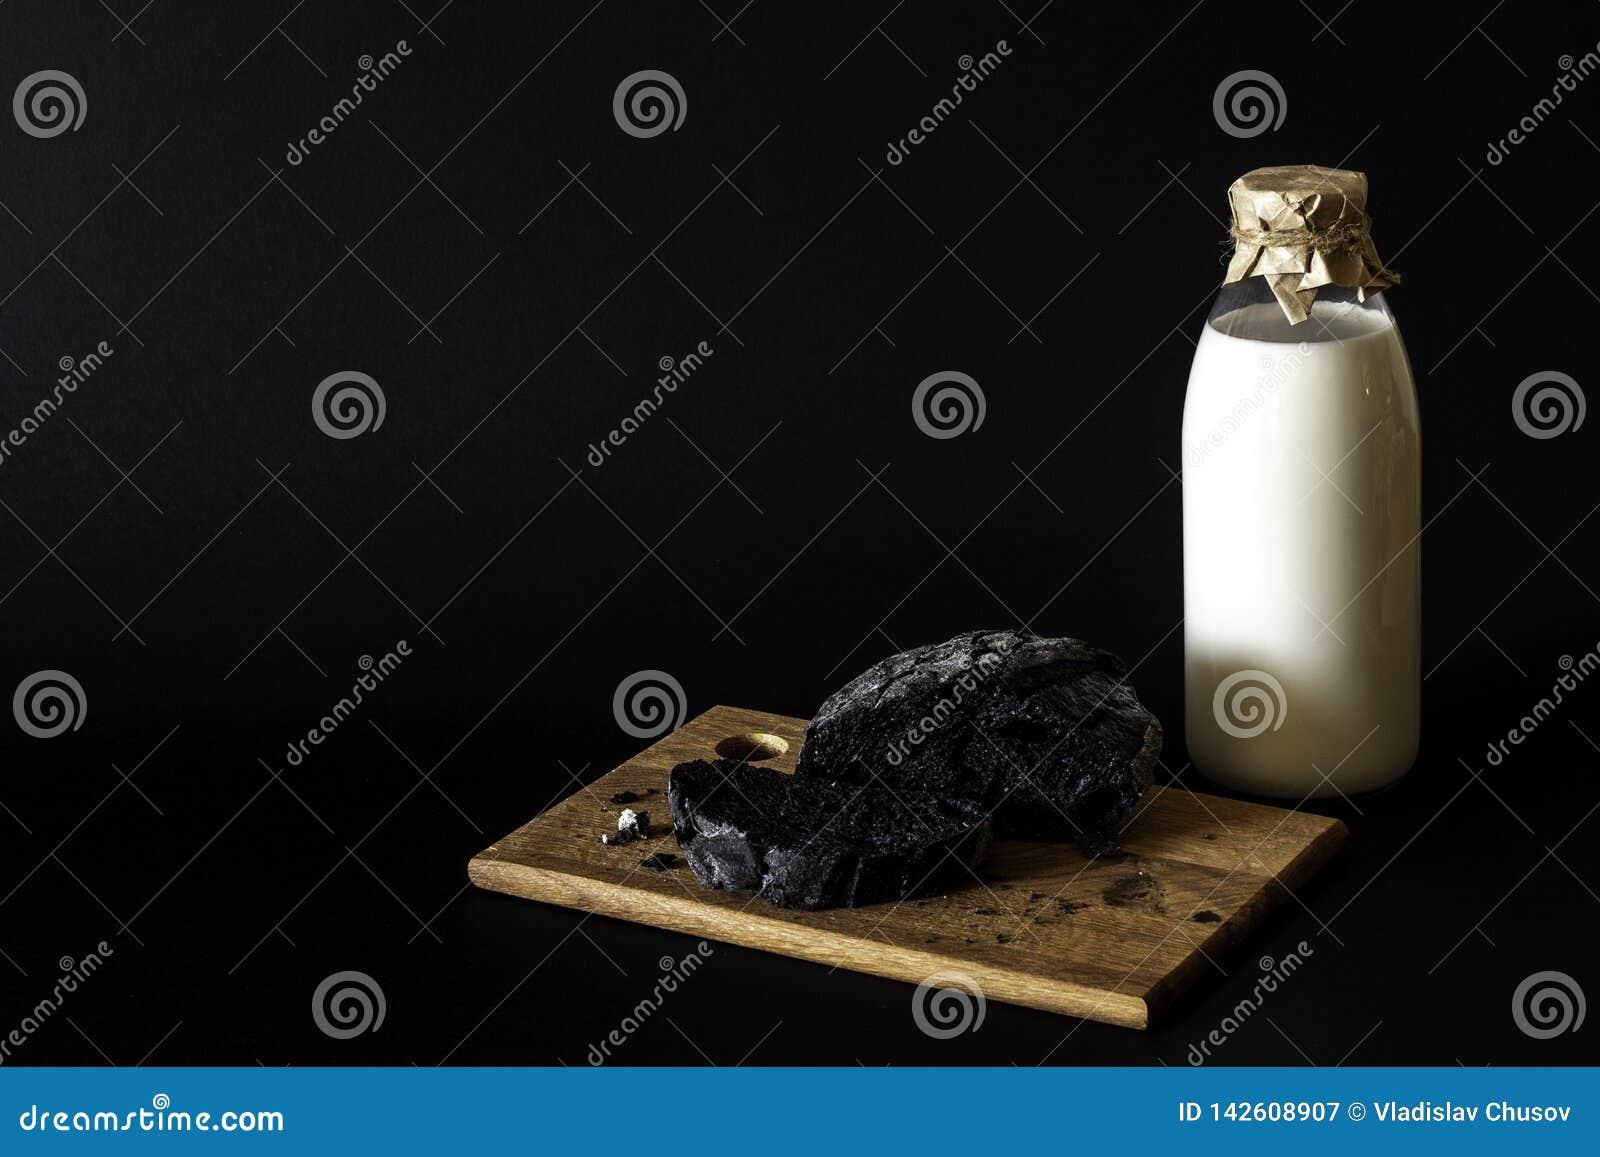 Leite e pão em um fundo preto